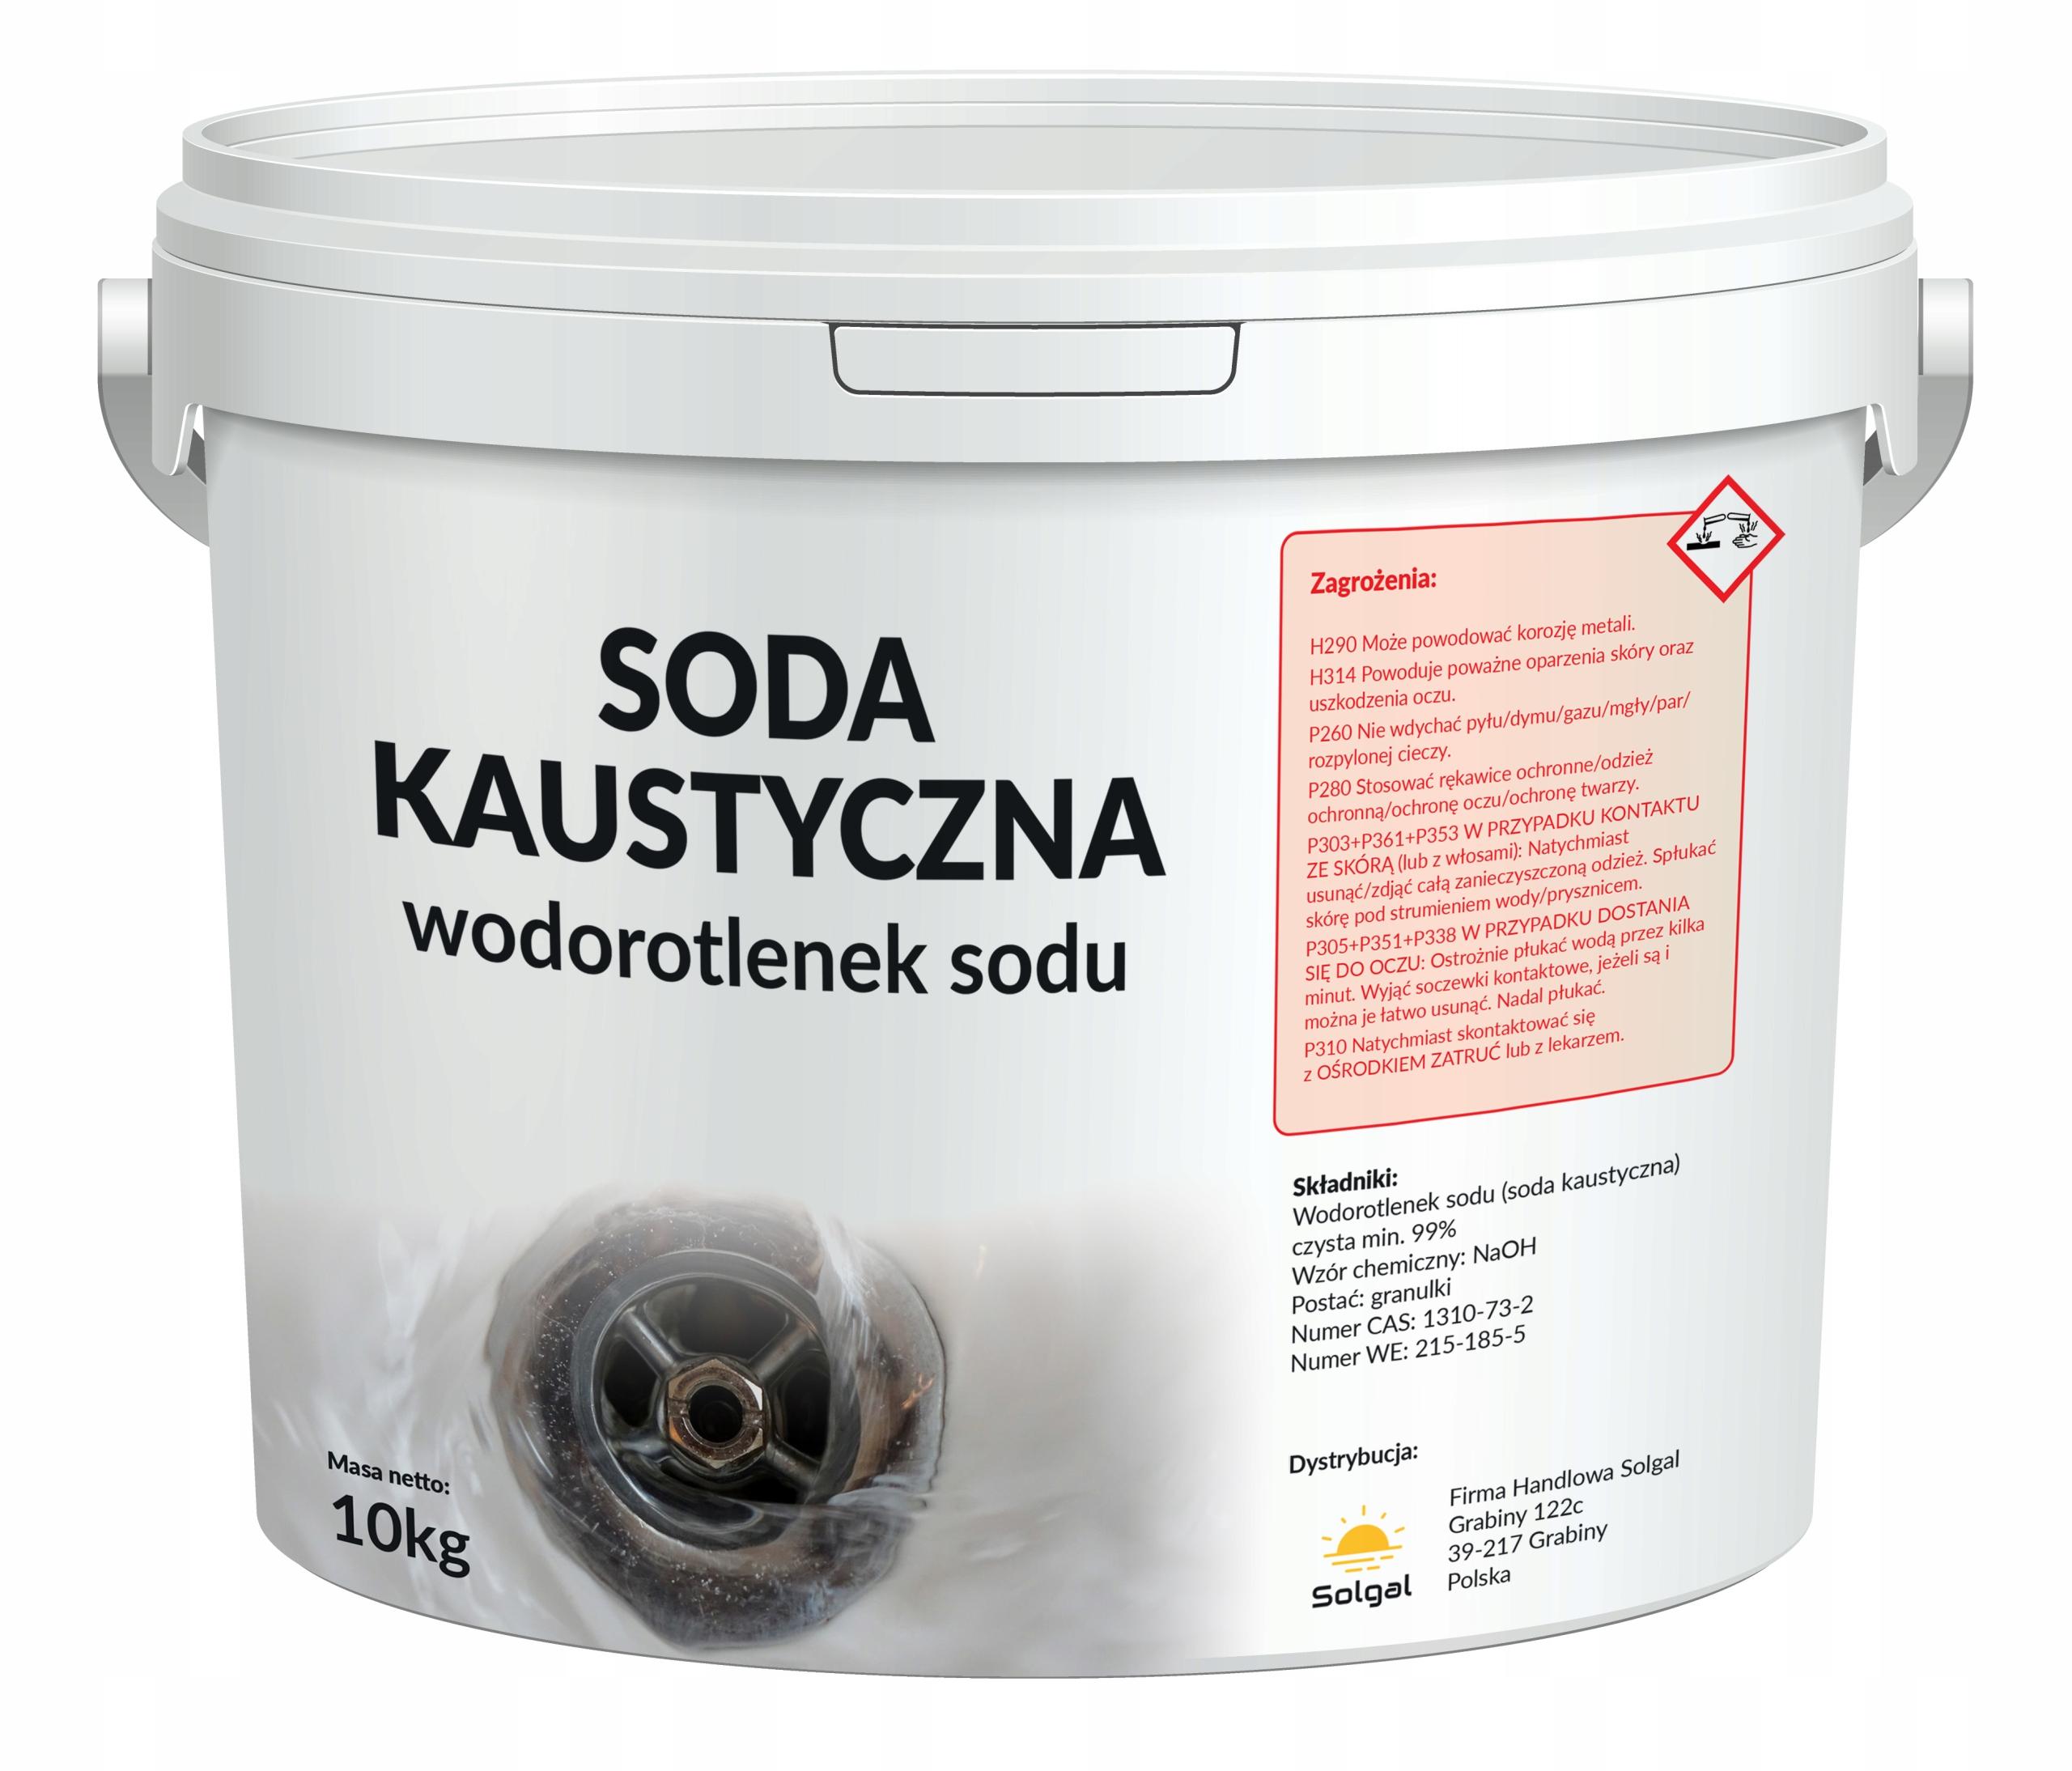 Гидроксид натрия, сода каустическая 99% 10кг